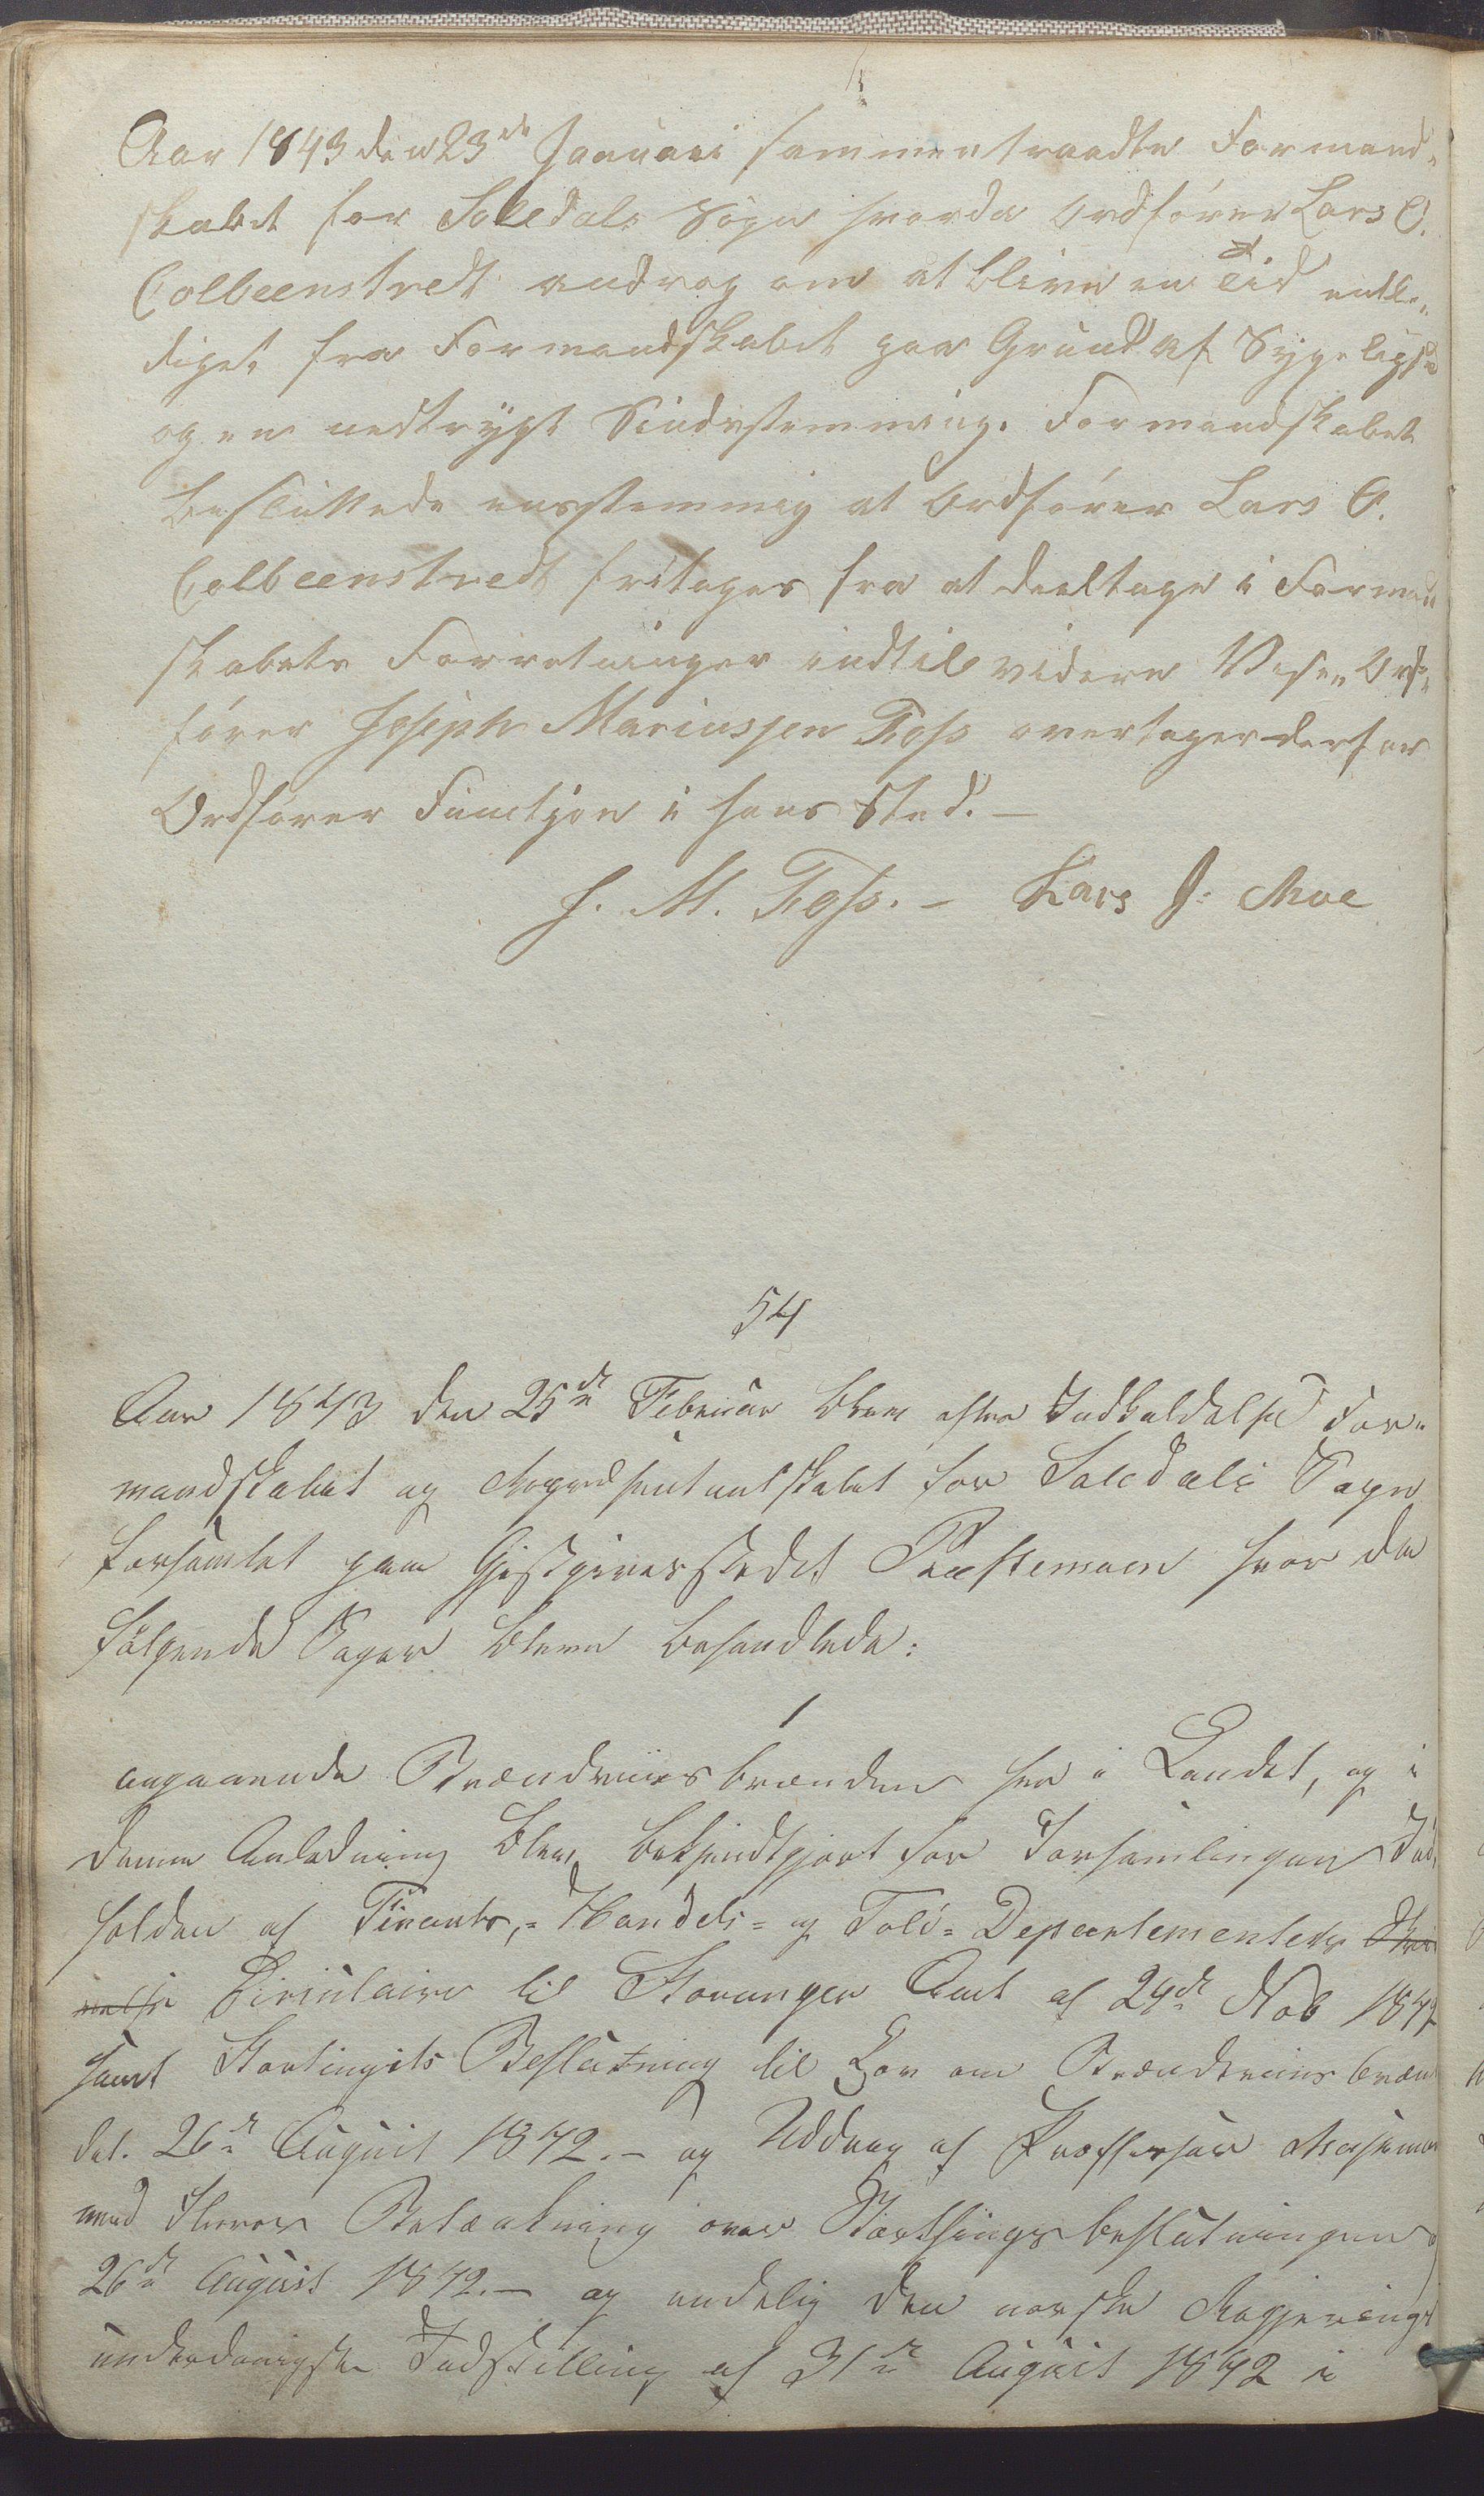 IKAR, Suldal kommune - Formannskapet/Rådmannen, A/Aa/L0001: Møtebok, 1837-1876, p. 50b